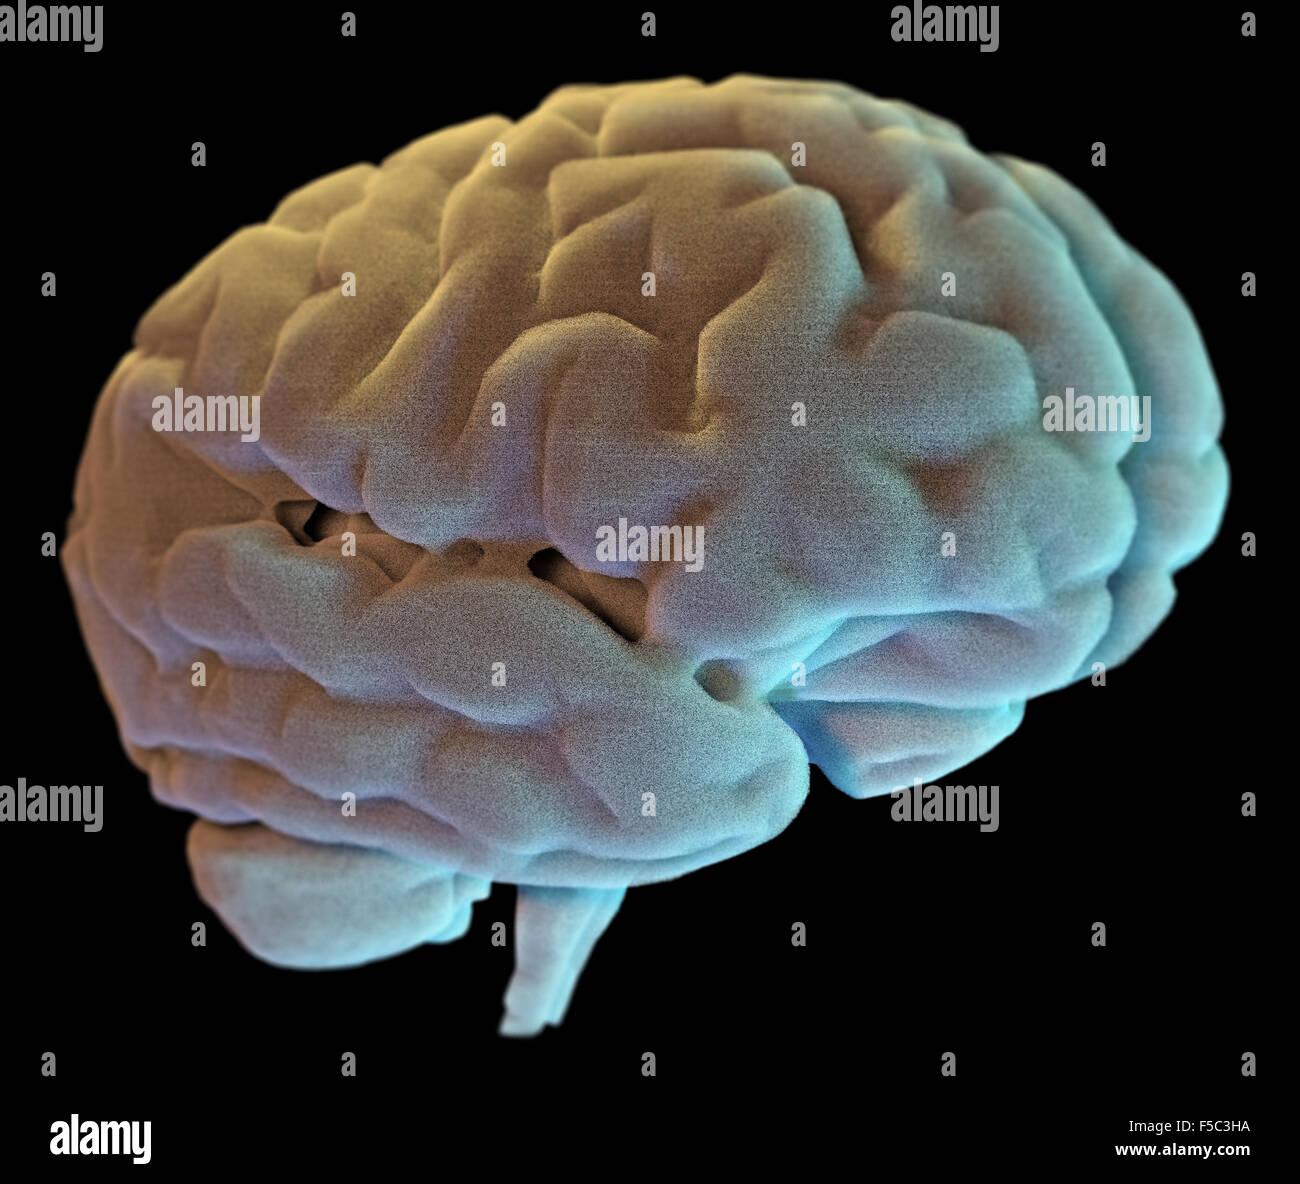 Ilustración del cerebro humano sobre fondo negro Imagen De Stock